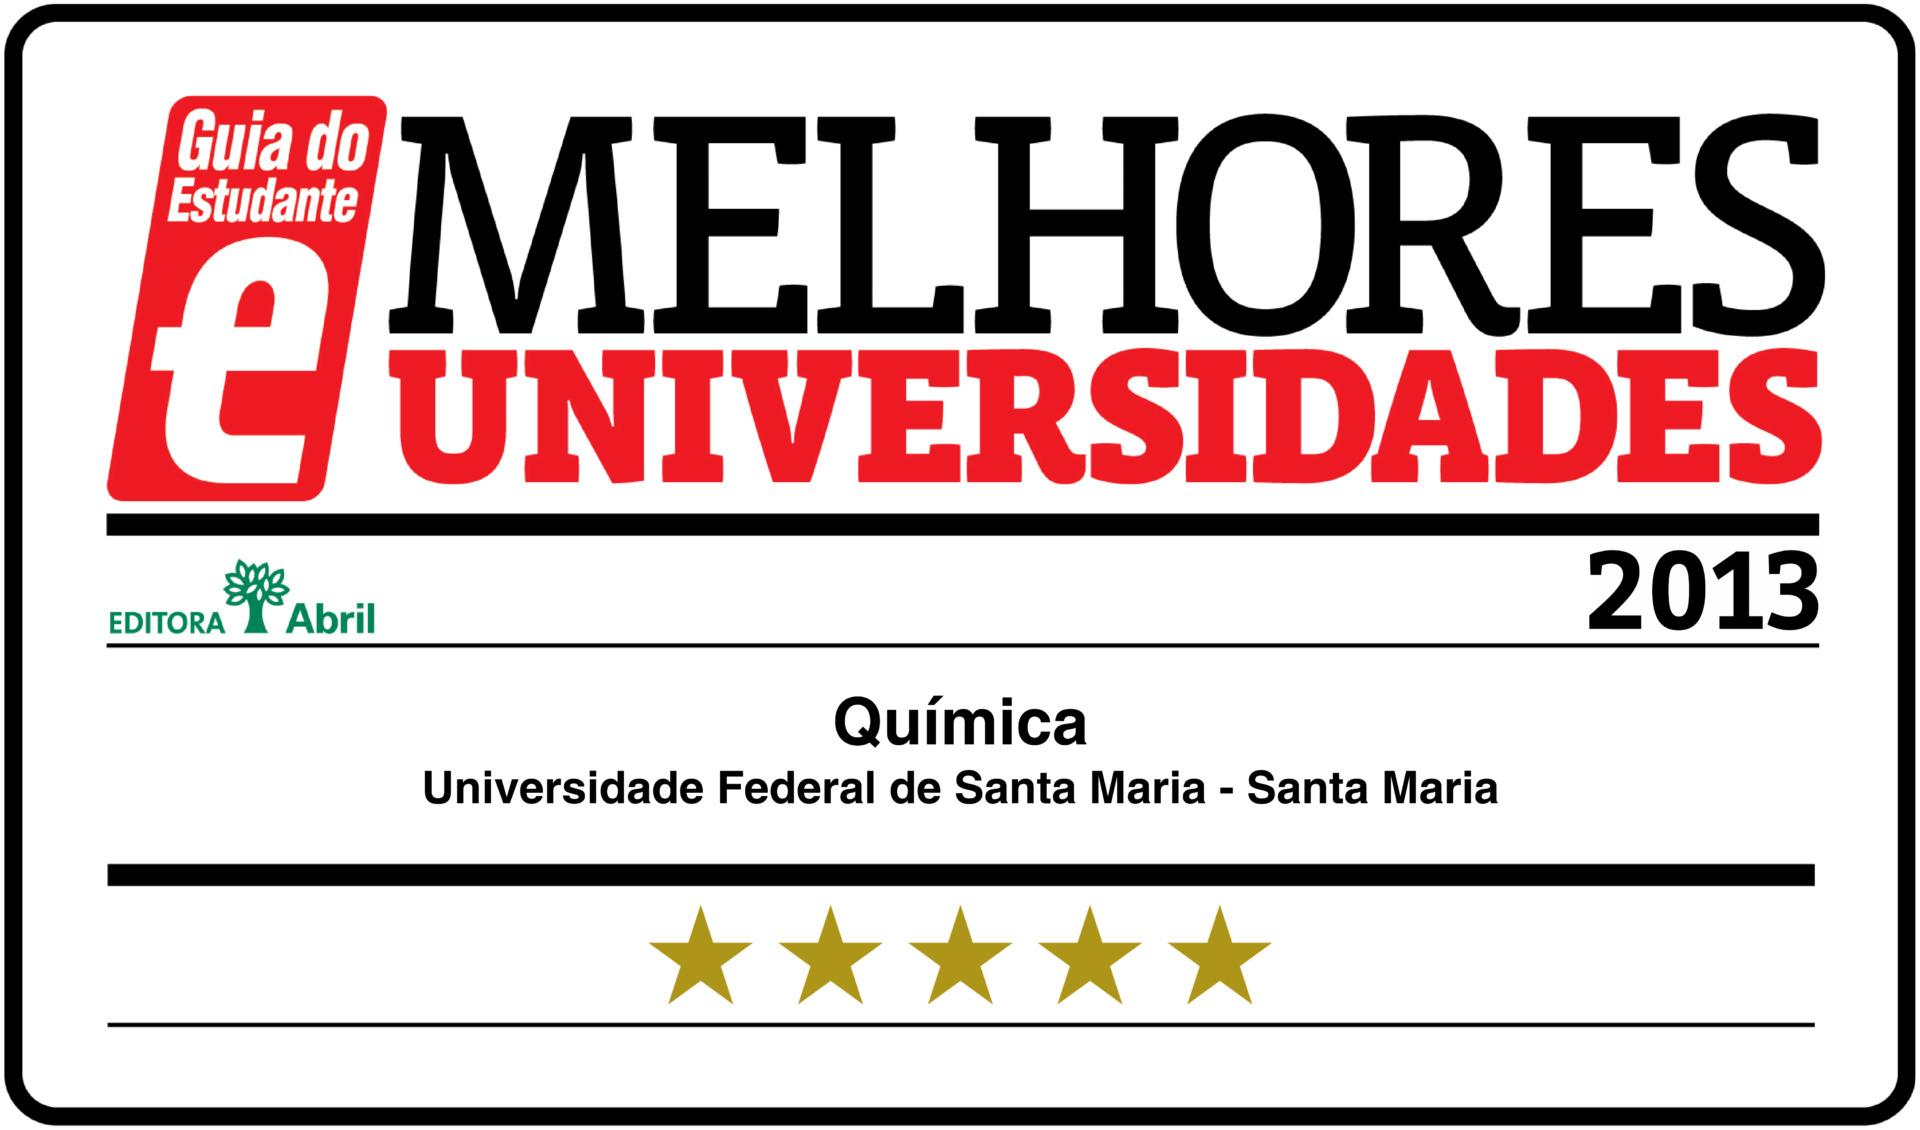 Selo Guia do Estudante - 2013